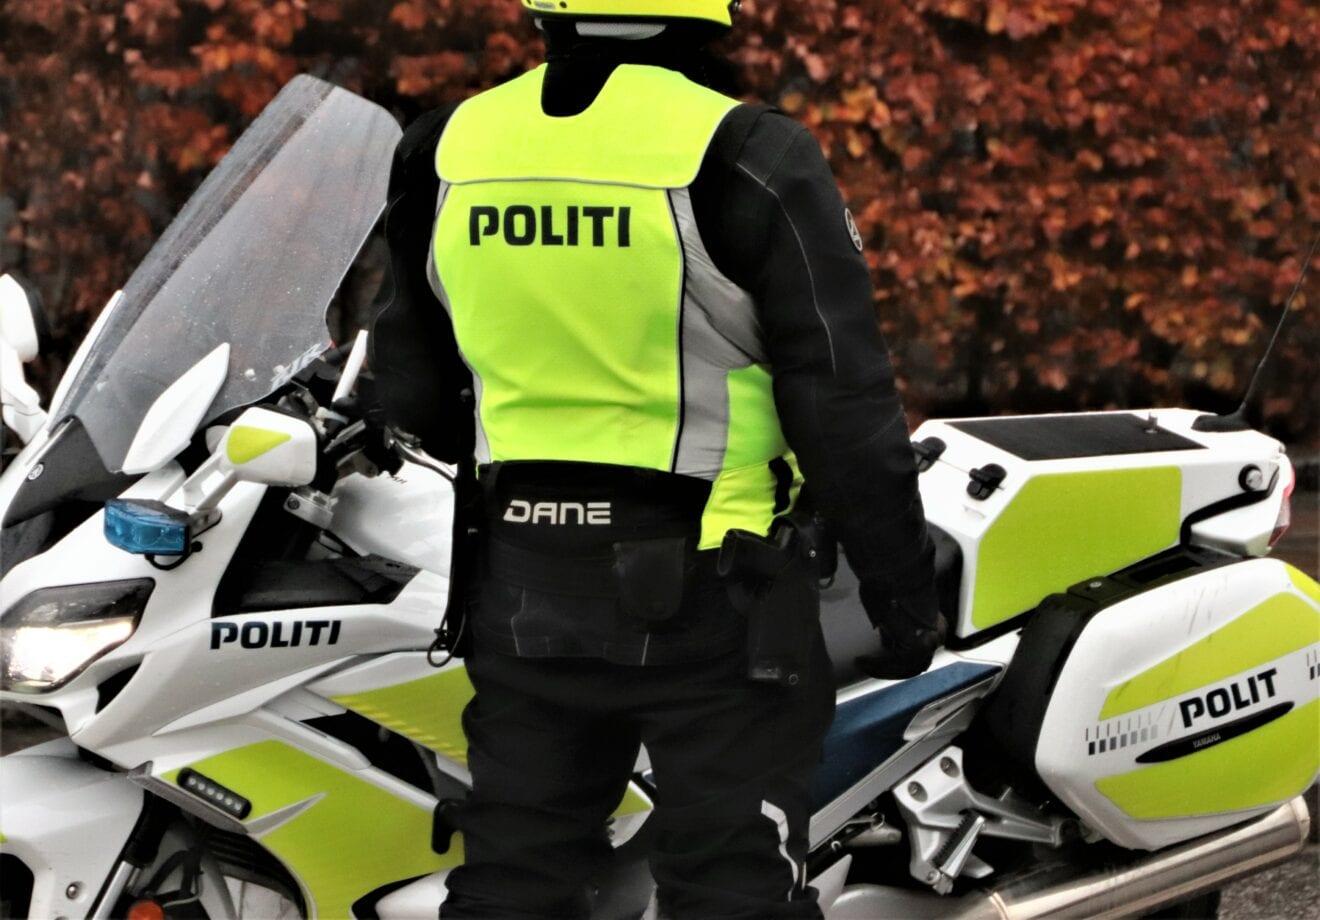 Politiet er i uge 4 ude for at skabe sikre veje for alle